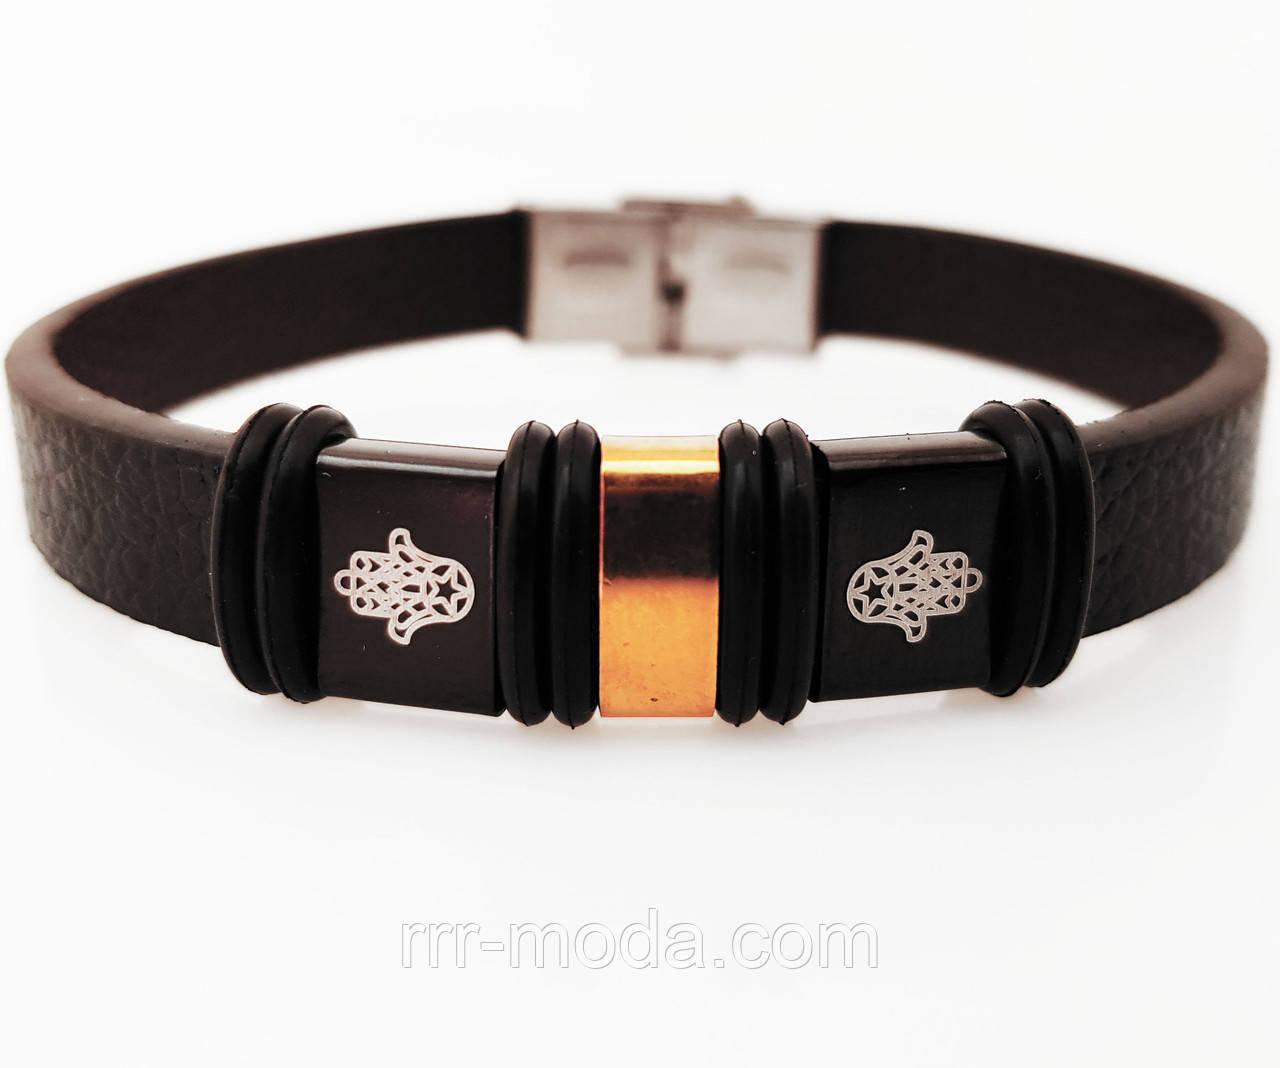 Браслеты мужские каучуковые и кожаные, браслеты с нержавеющей сталью оптом 232